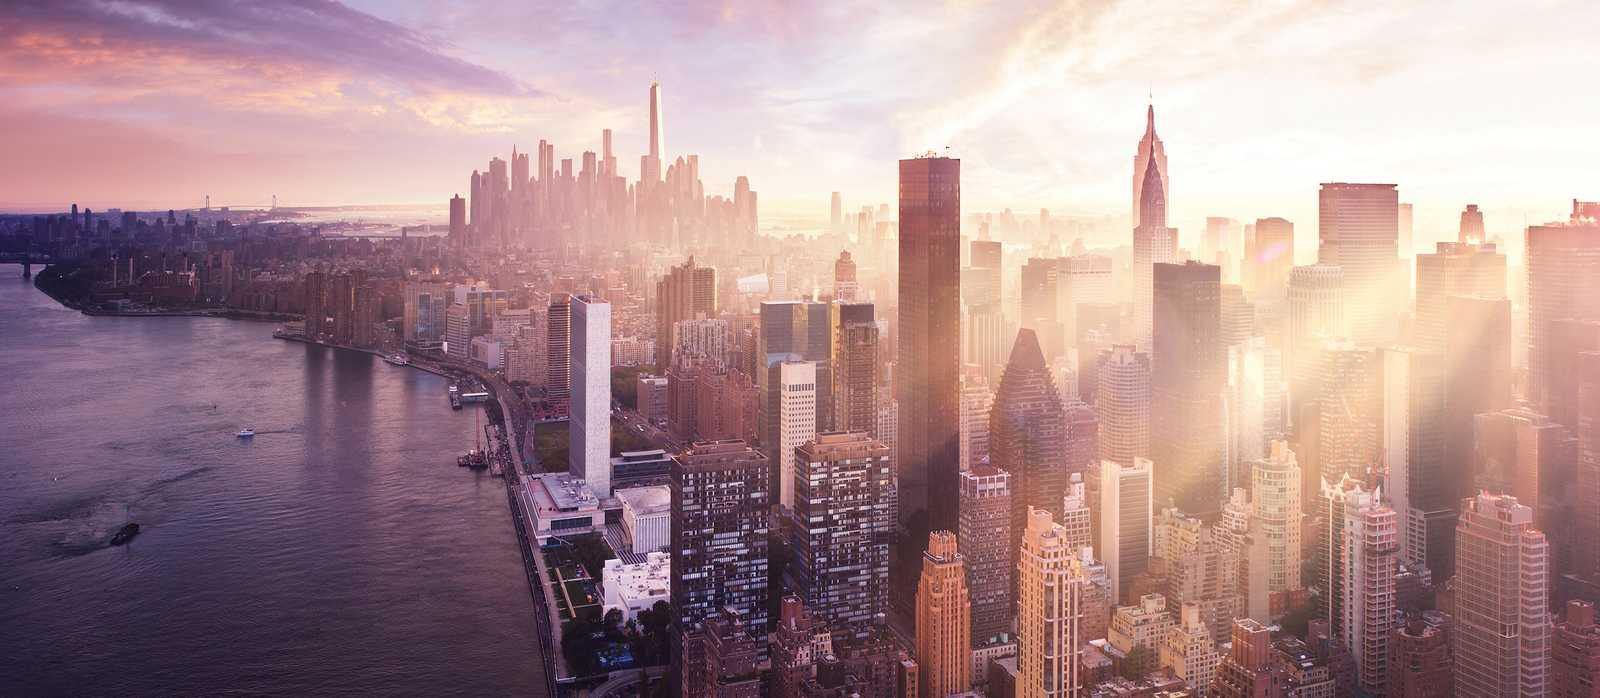 Atemberaubender Sonnenuntergang über der Skyline von Manhattan